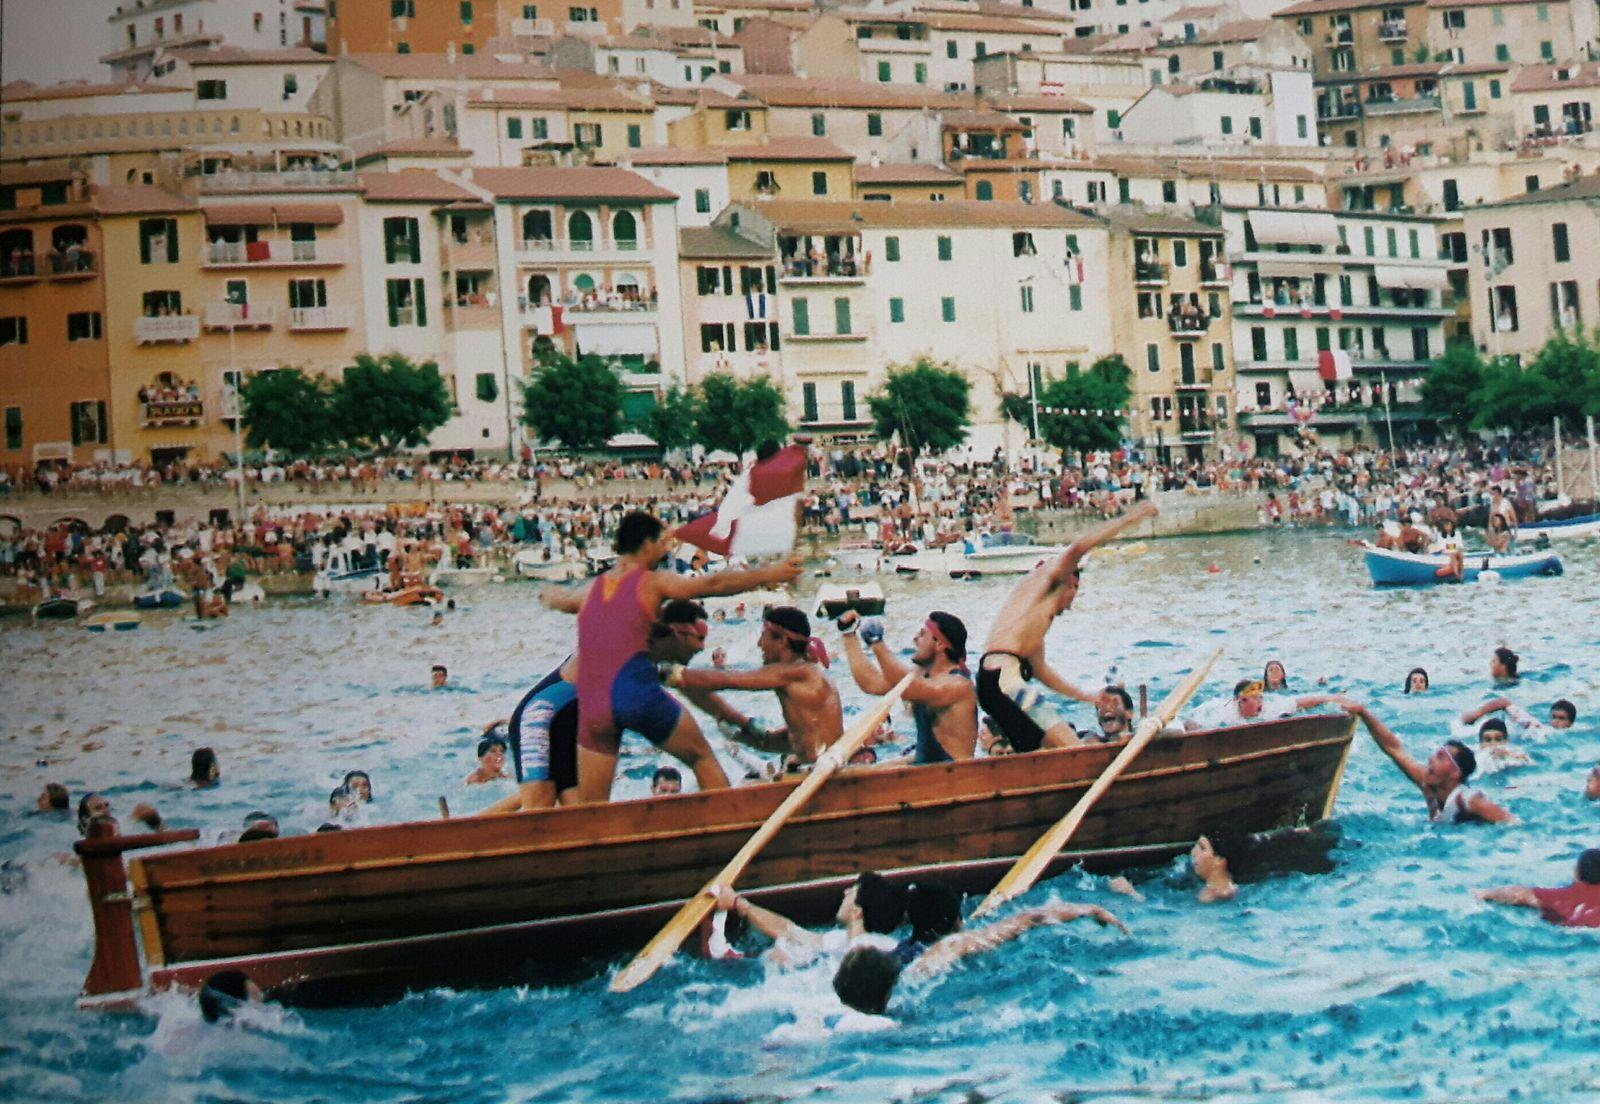 Monte Argentario - Tra pescatori e pirati - Toscana Ovunque Bella